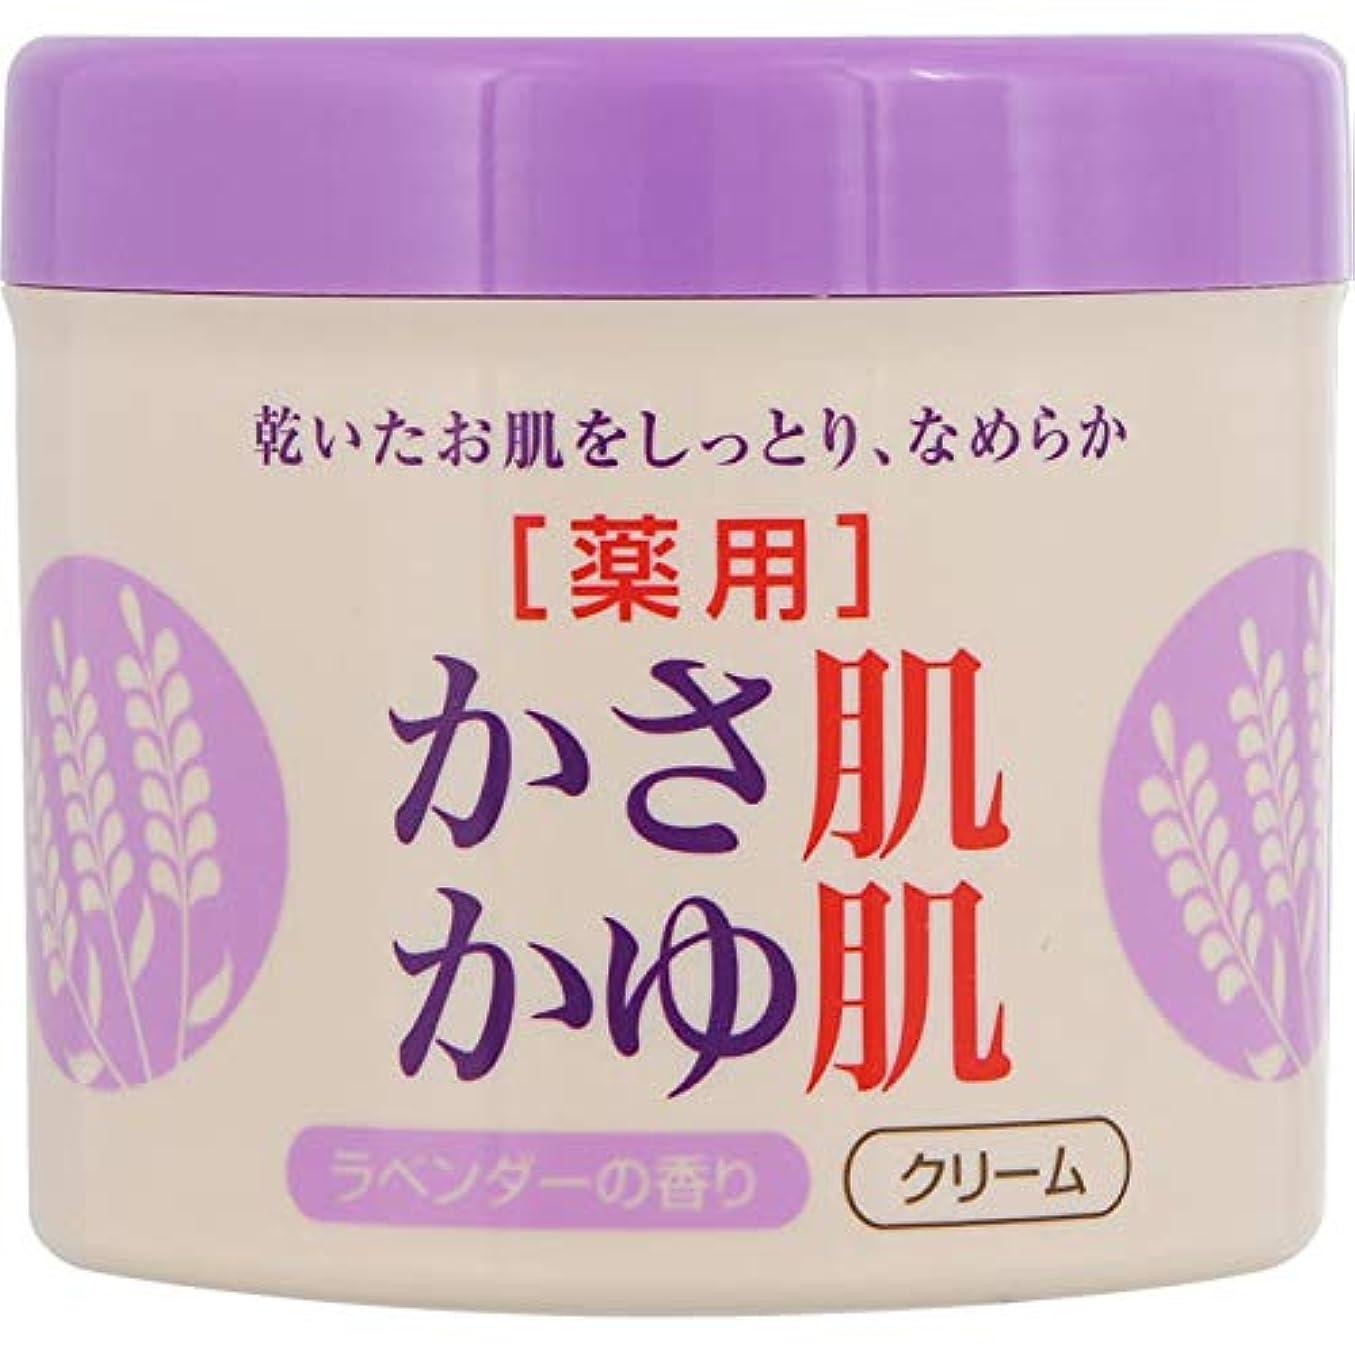 正午フレアイタリックMK 薬用かさ肌かゆ肌ミルキークリーム ラベンダー 280g (医薬部外品)